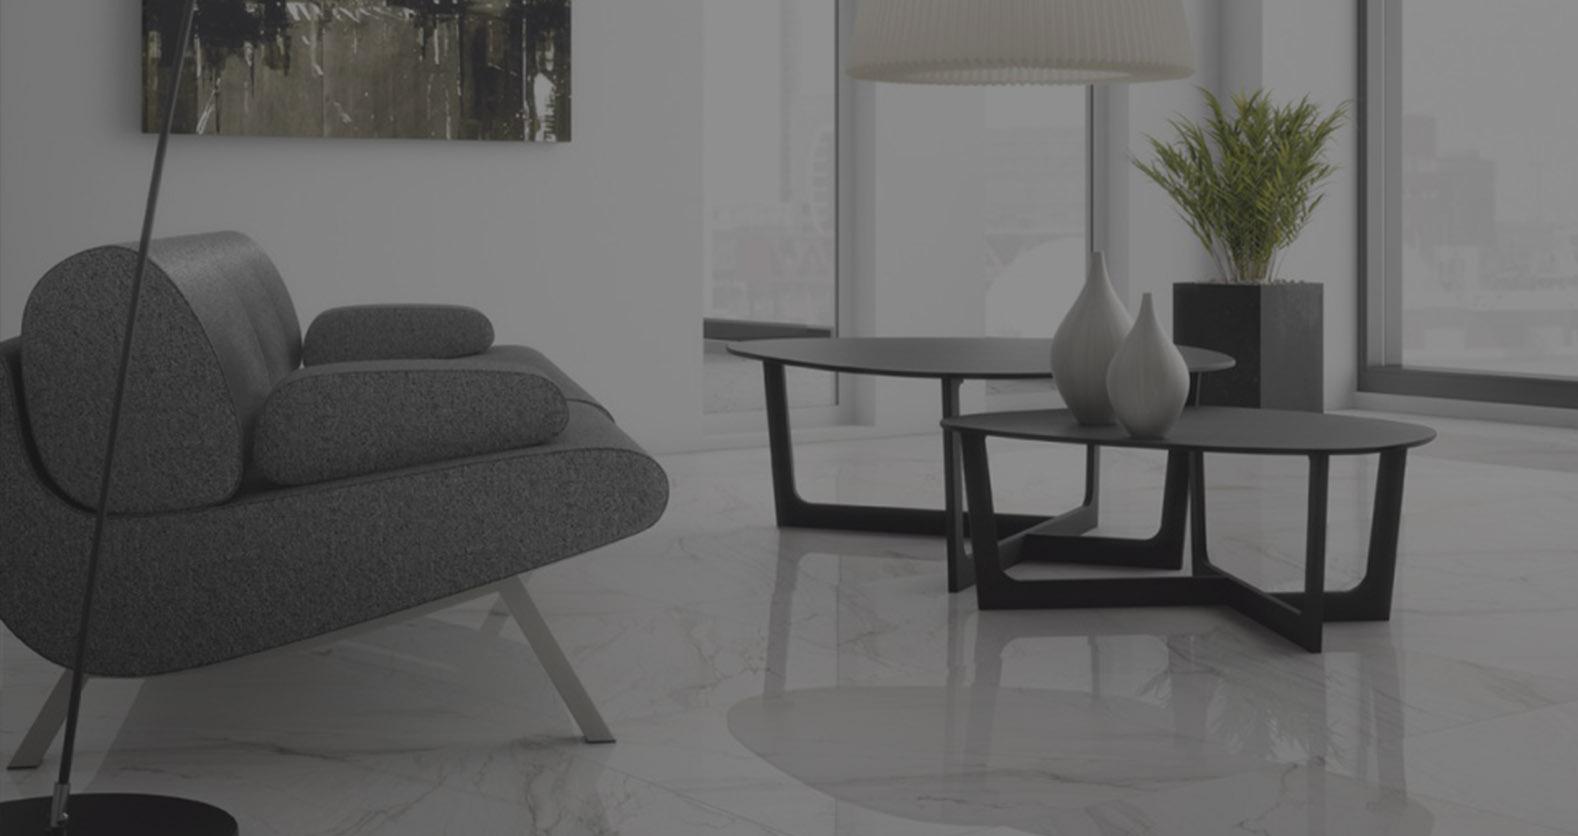 Carrelage marbre blanc grand format intérieur extérieur